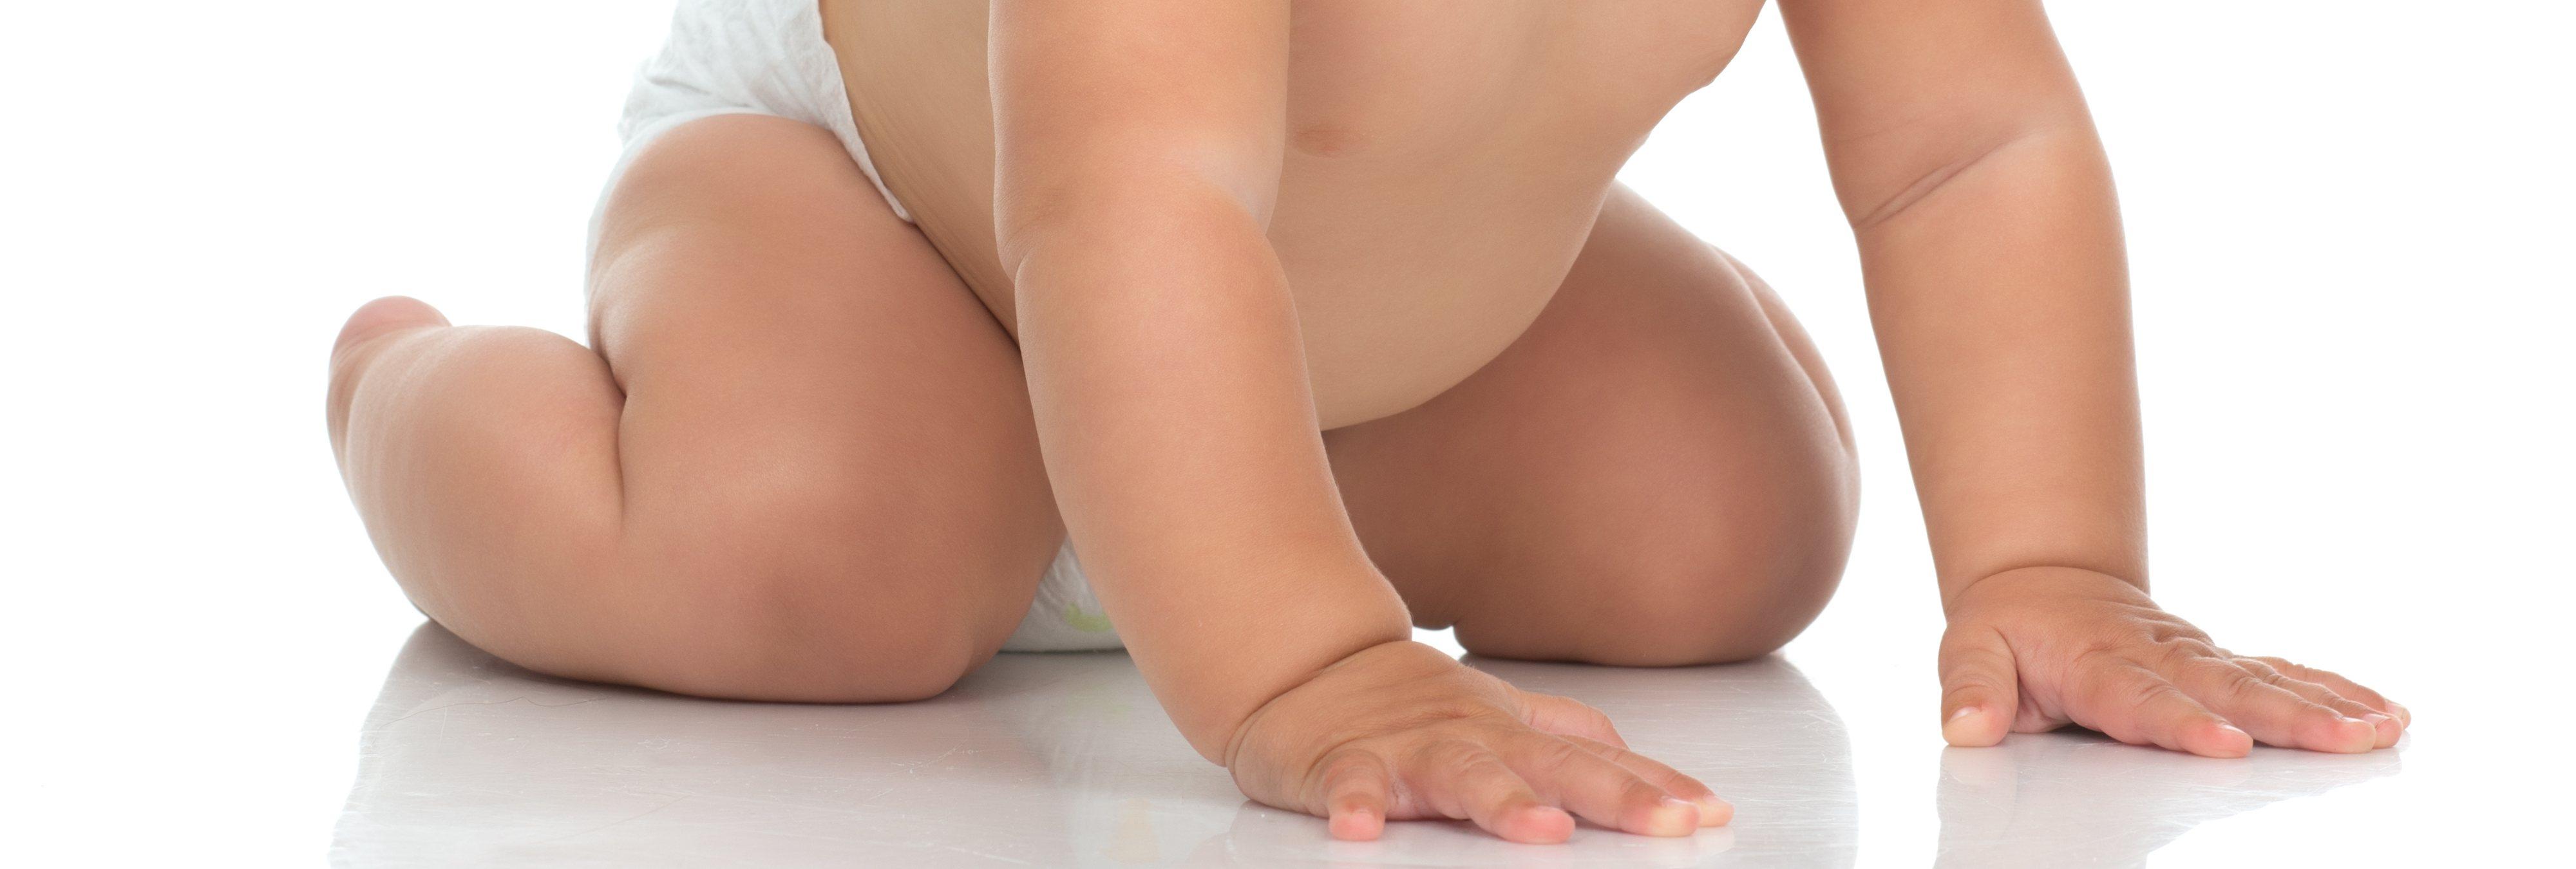 Un bebé de dos semanas, ingresado tras una presunta violación